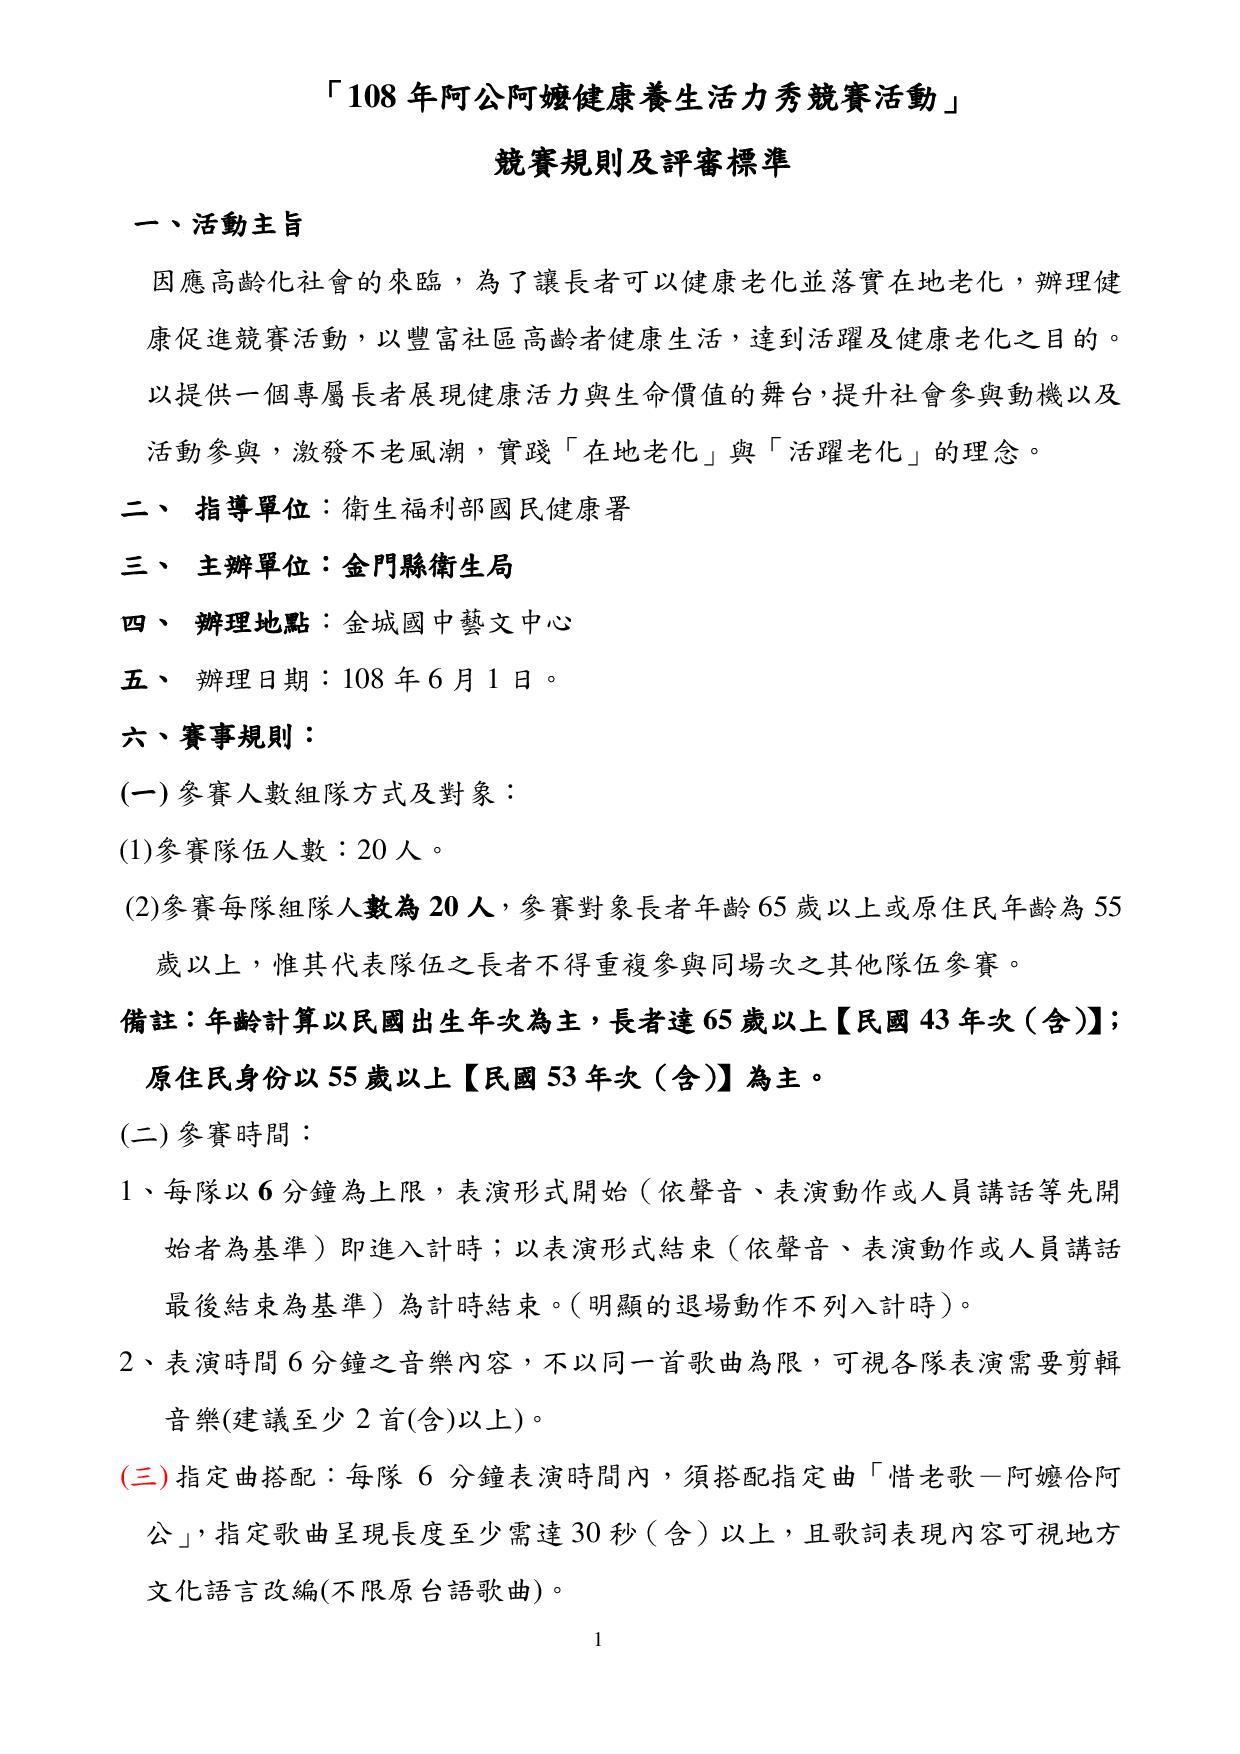 108.05.13衛生局「108年長者活躍老化競賽活動計畫」競賽規則及評選標準